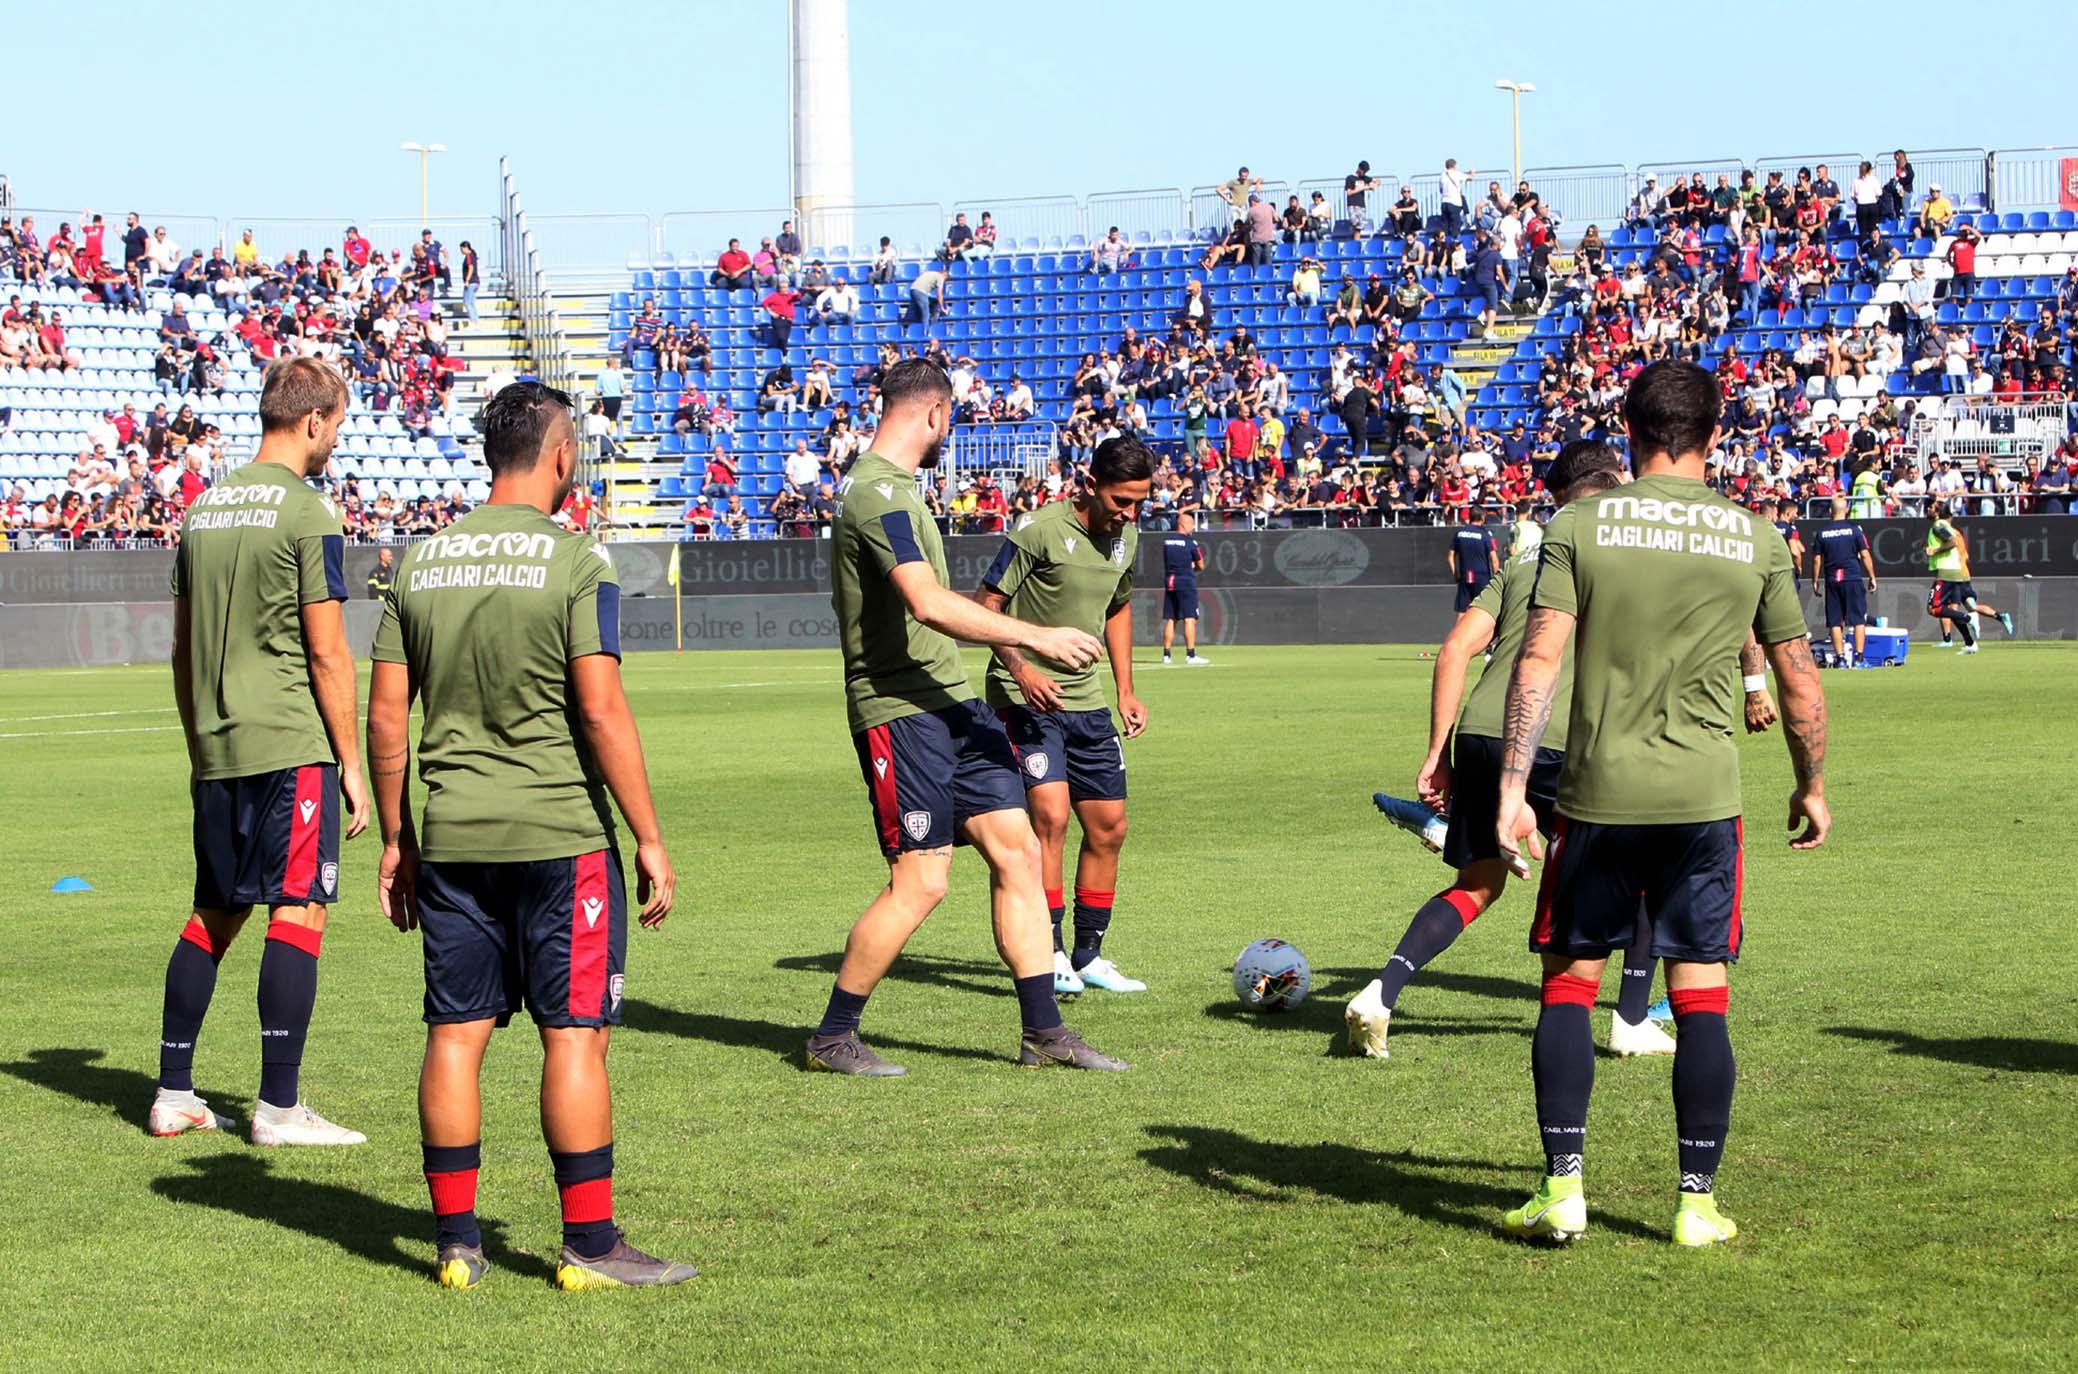 CdS - Cagliari-Fiorentina, biglietti in vendita da questa mattina